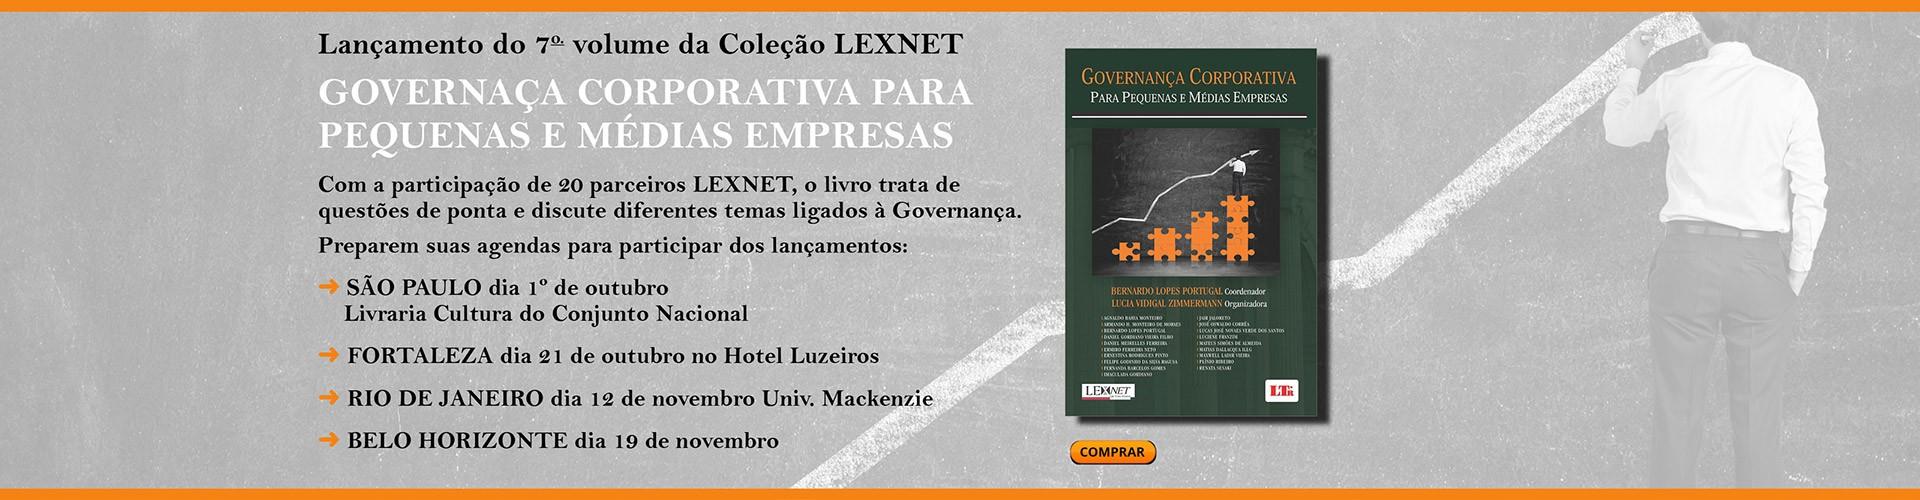 Lançamento do 7º volume da Coleção LEXNET